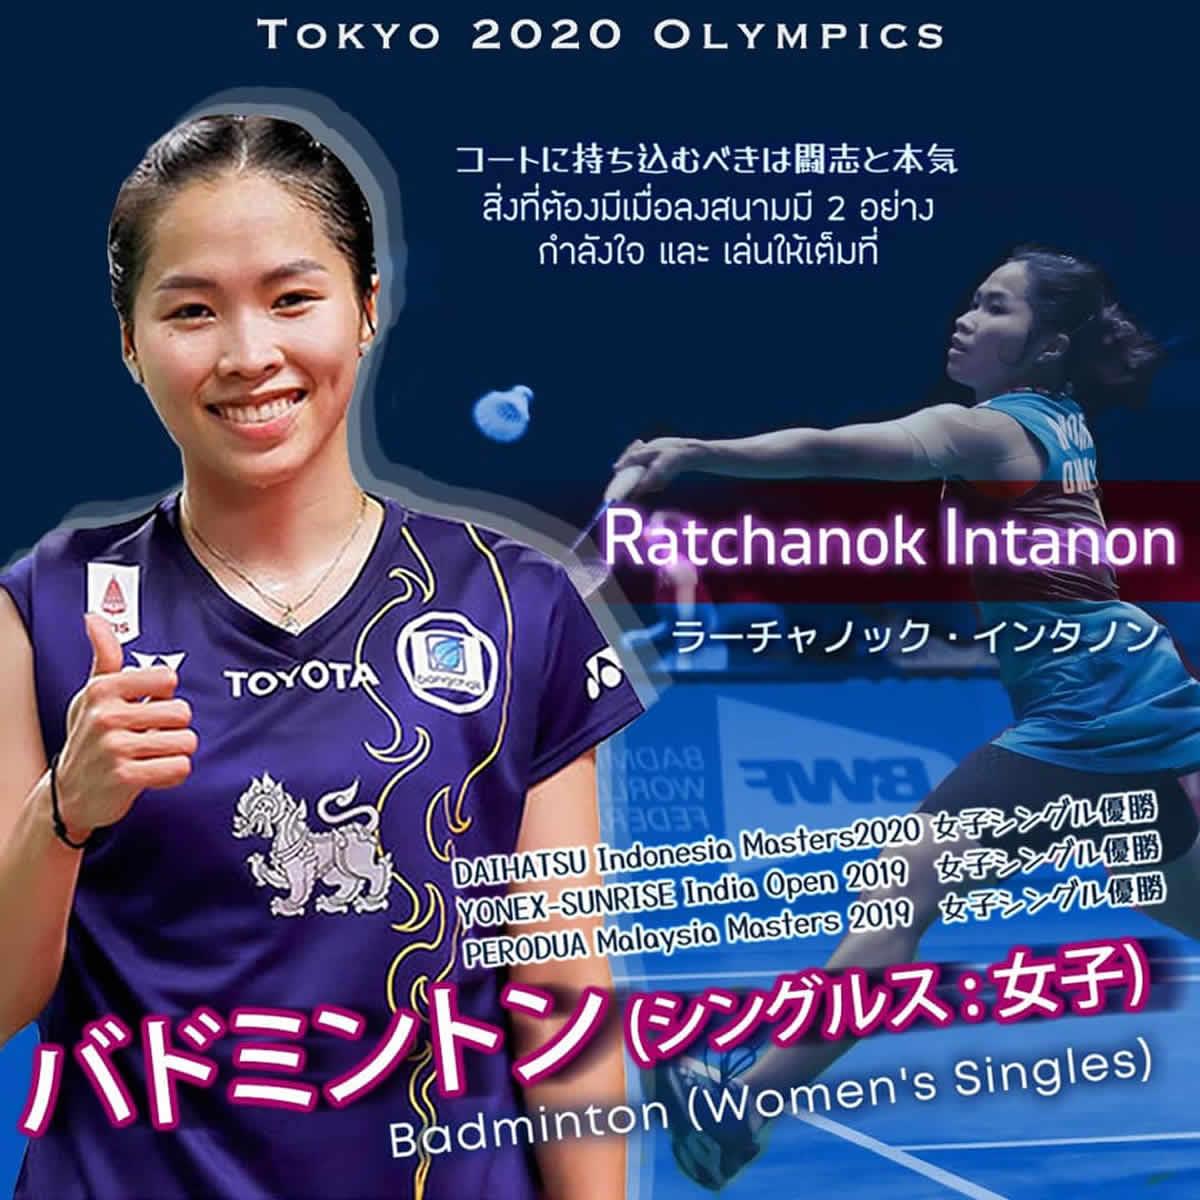 ラチャノック・インタノン(メイ)選手[女子バドミントン タイ代表]東京2020オリンピック